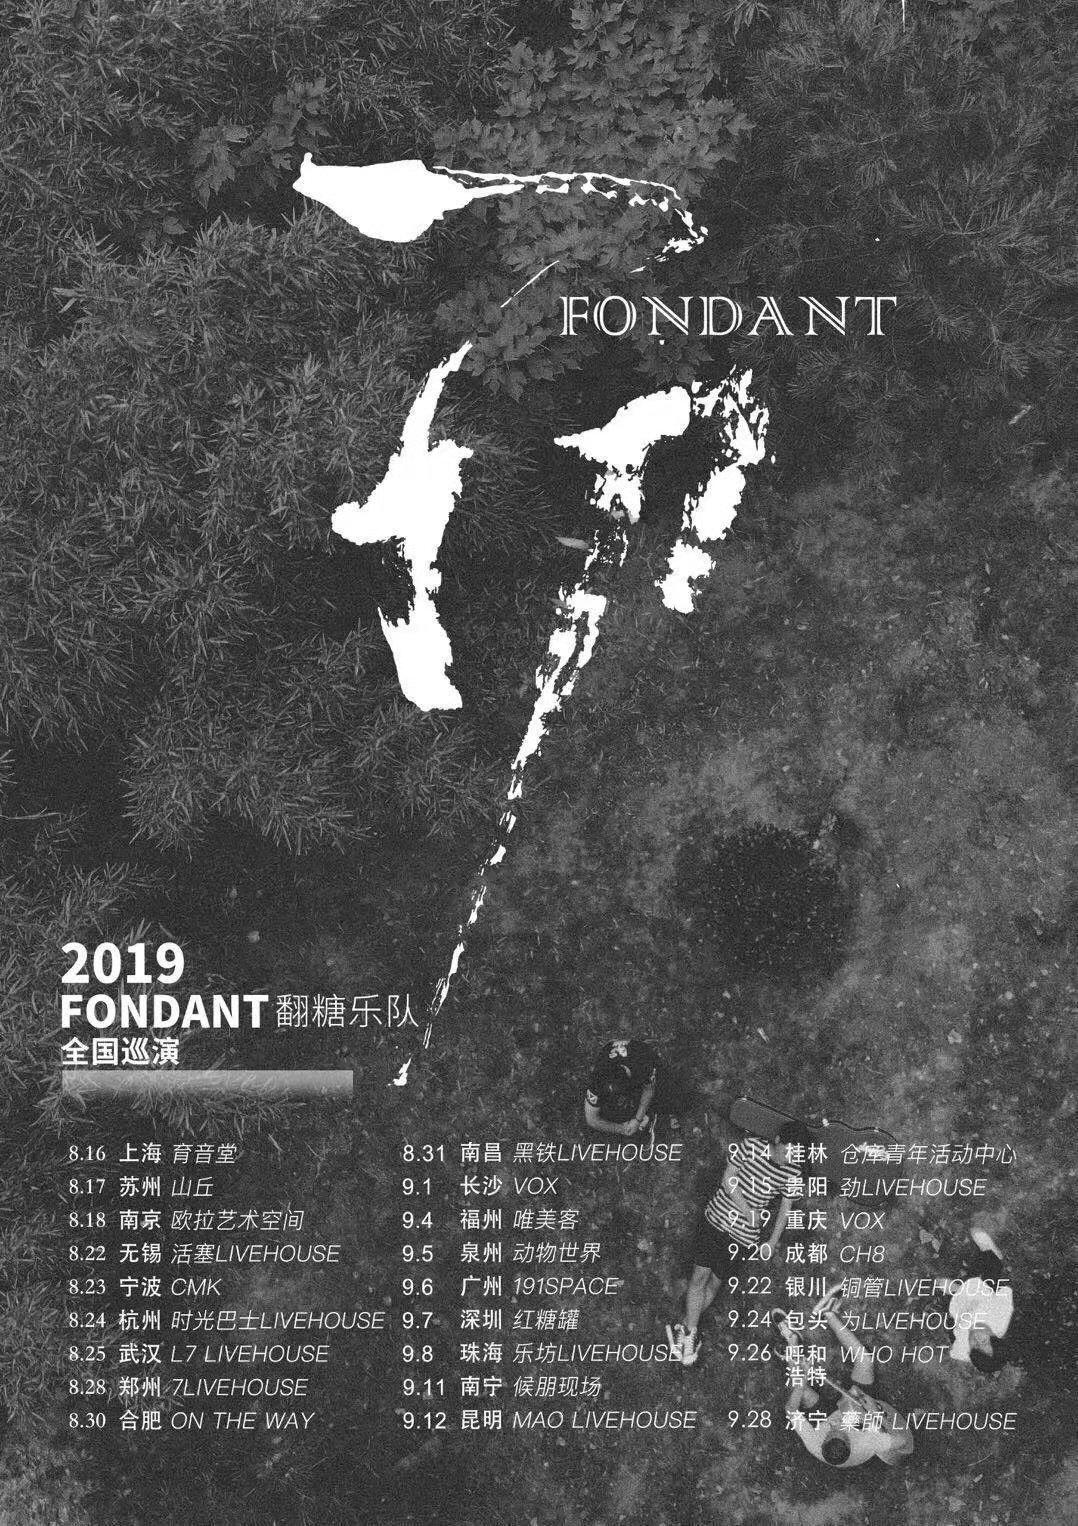 翻糖乐队2019《一切》新专辑巡演 南京站